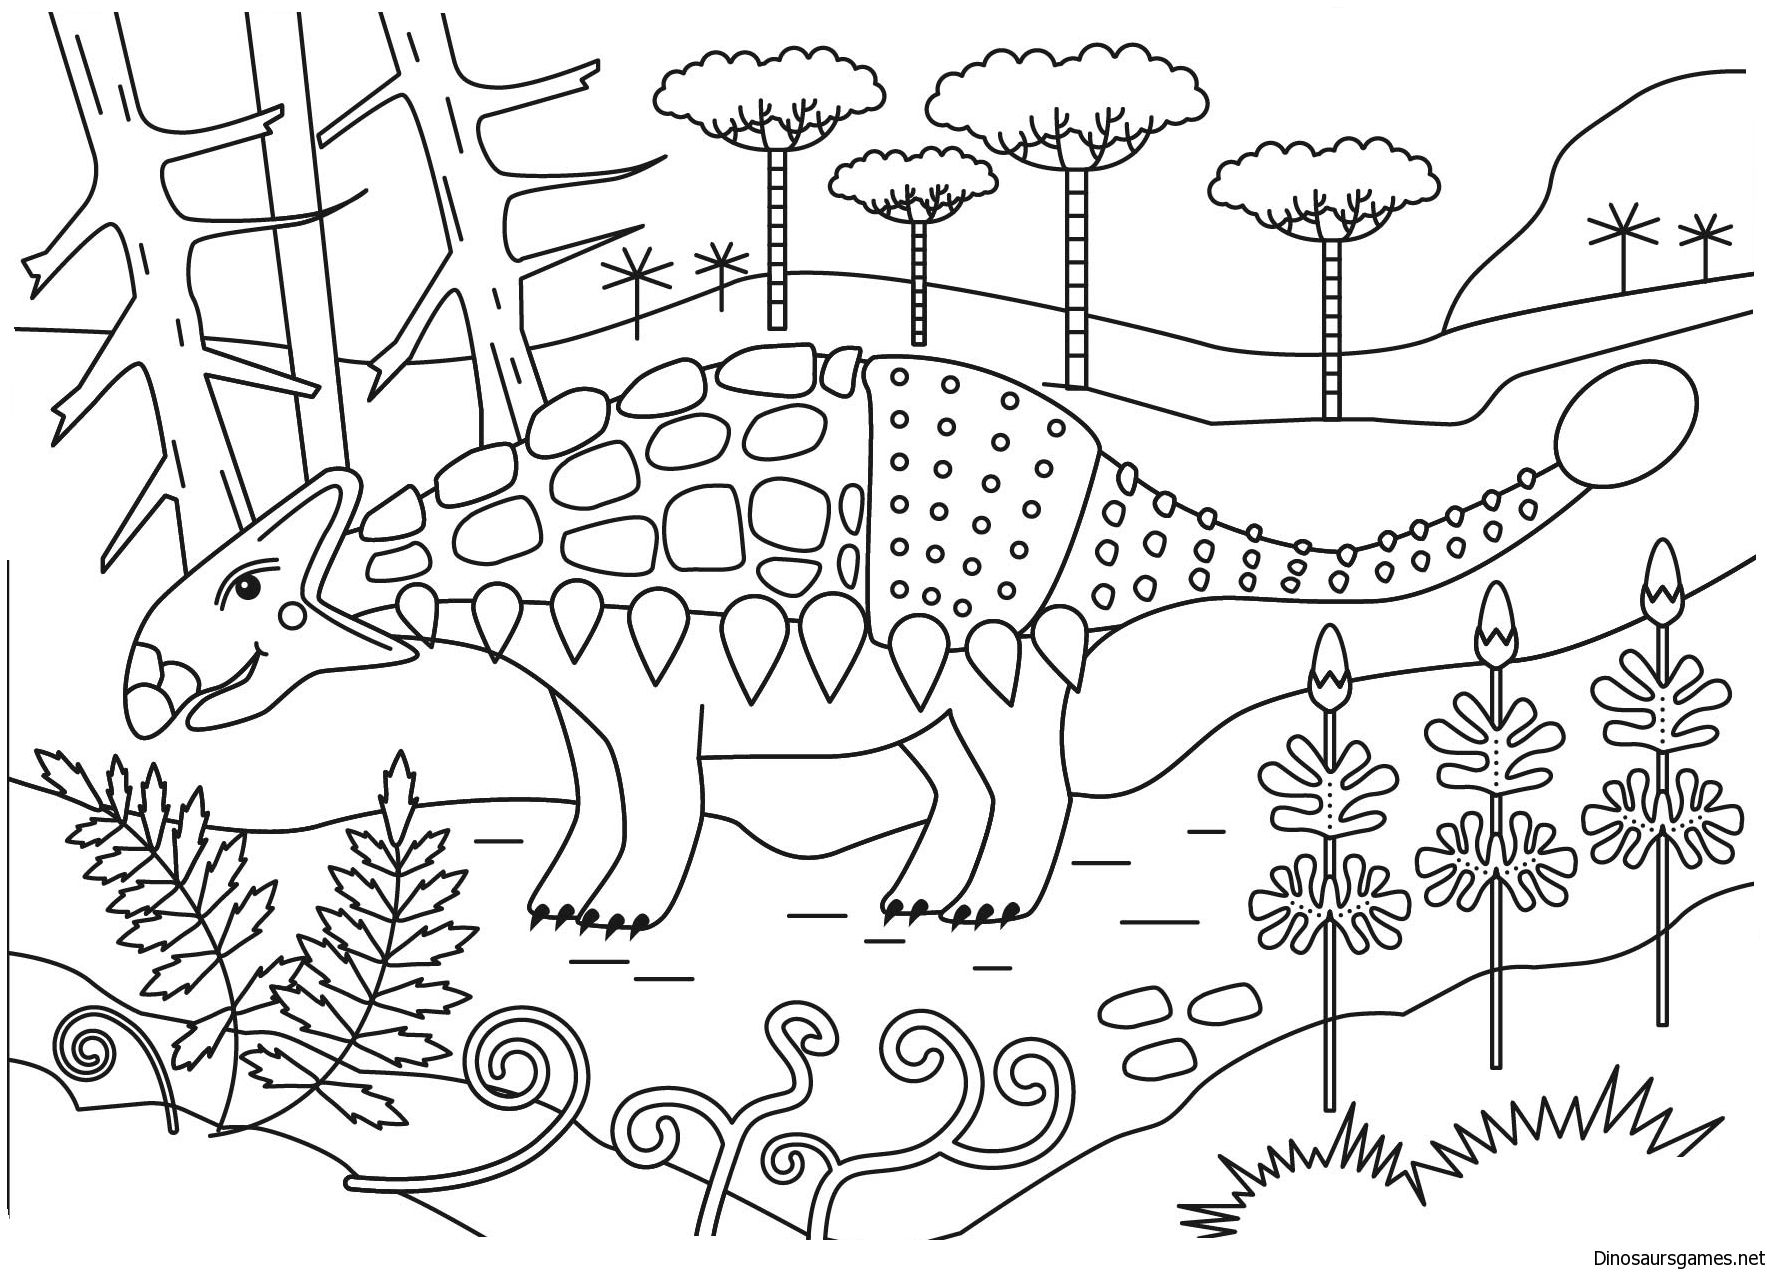 Dinosaurcoloringpages Dinosaurs Dinosaur